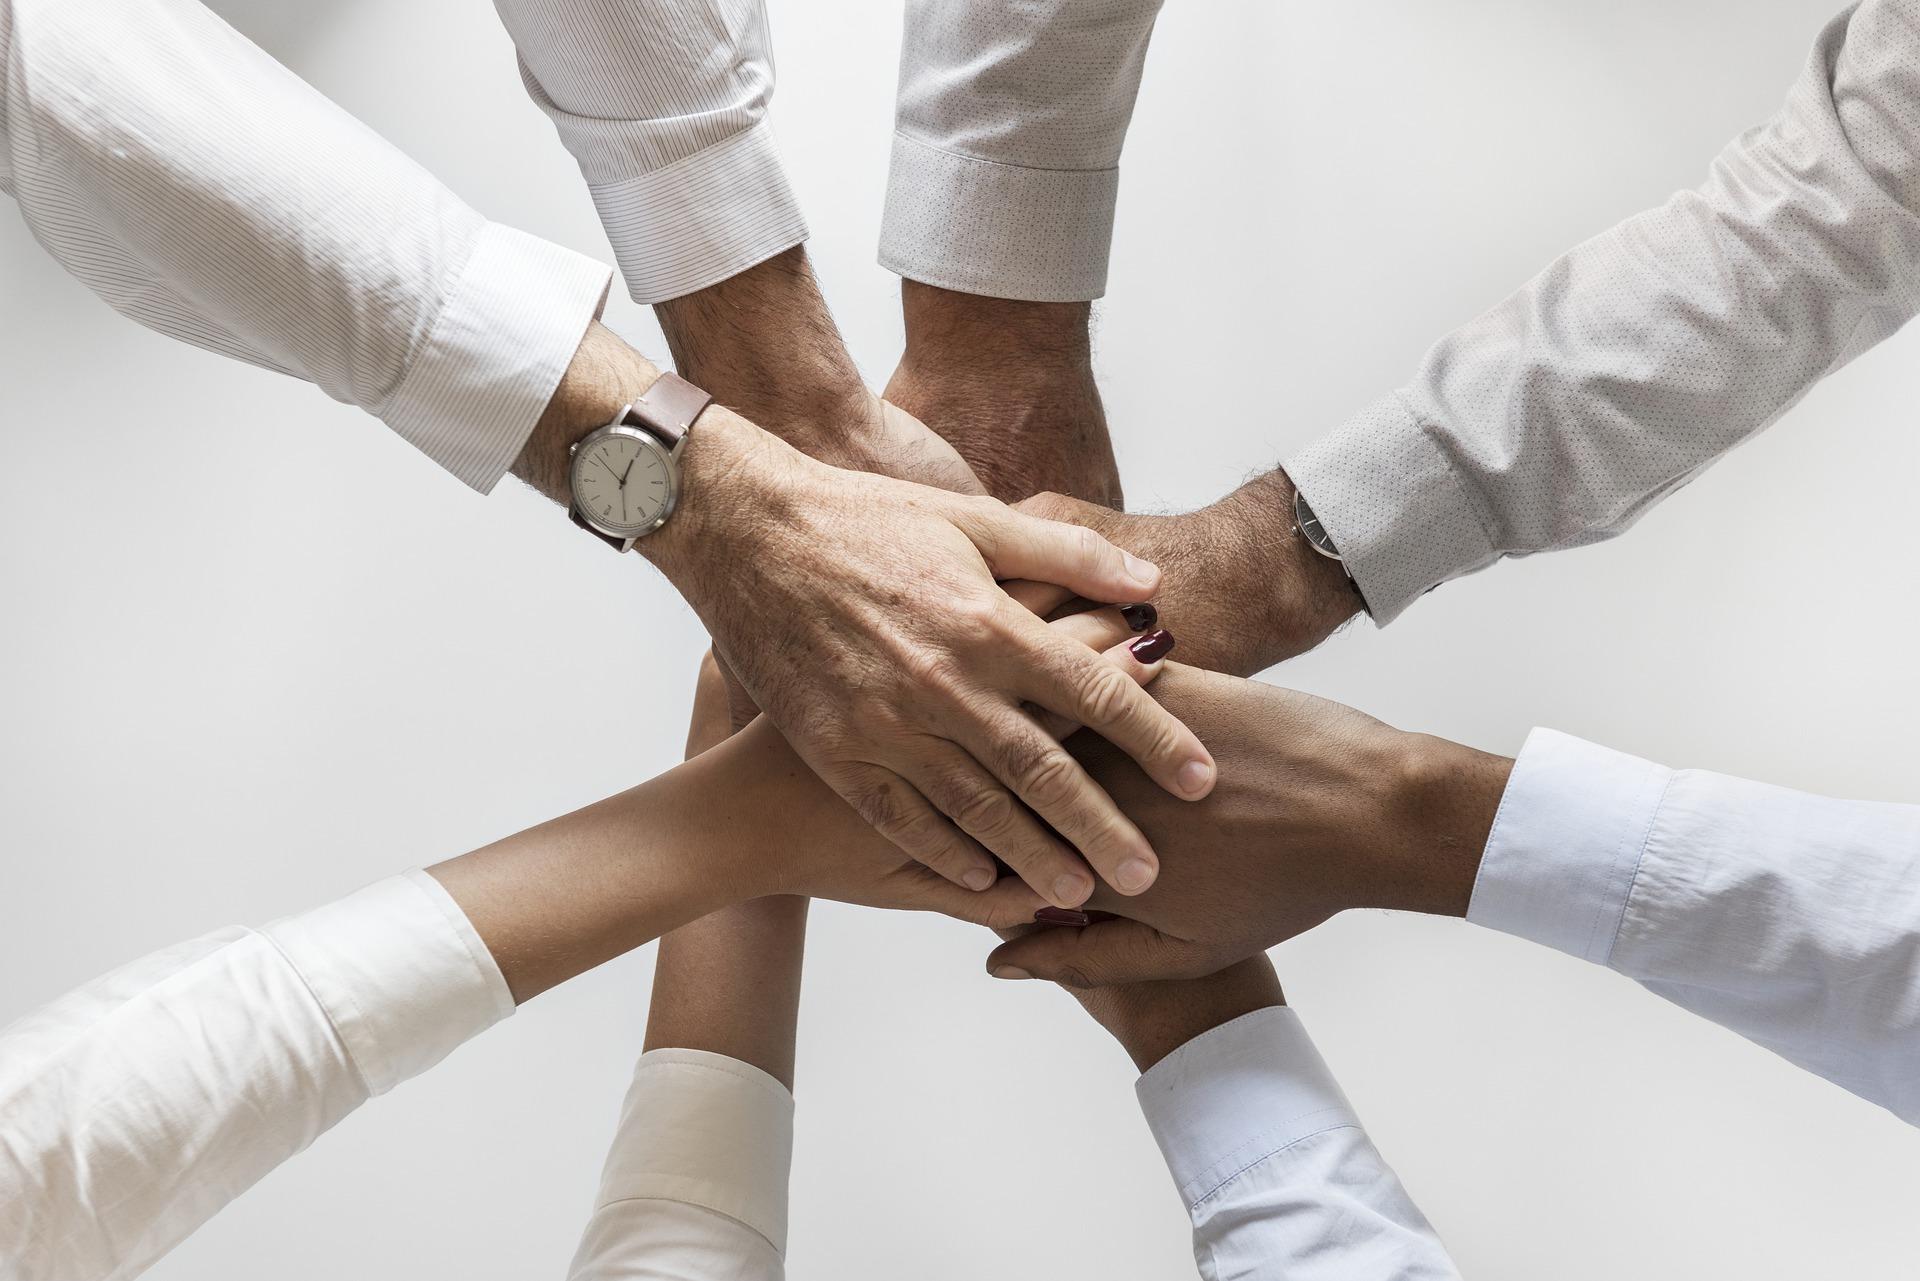 協力 団結 協調性 社会性